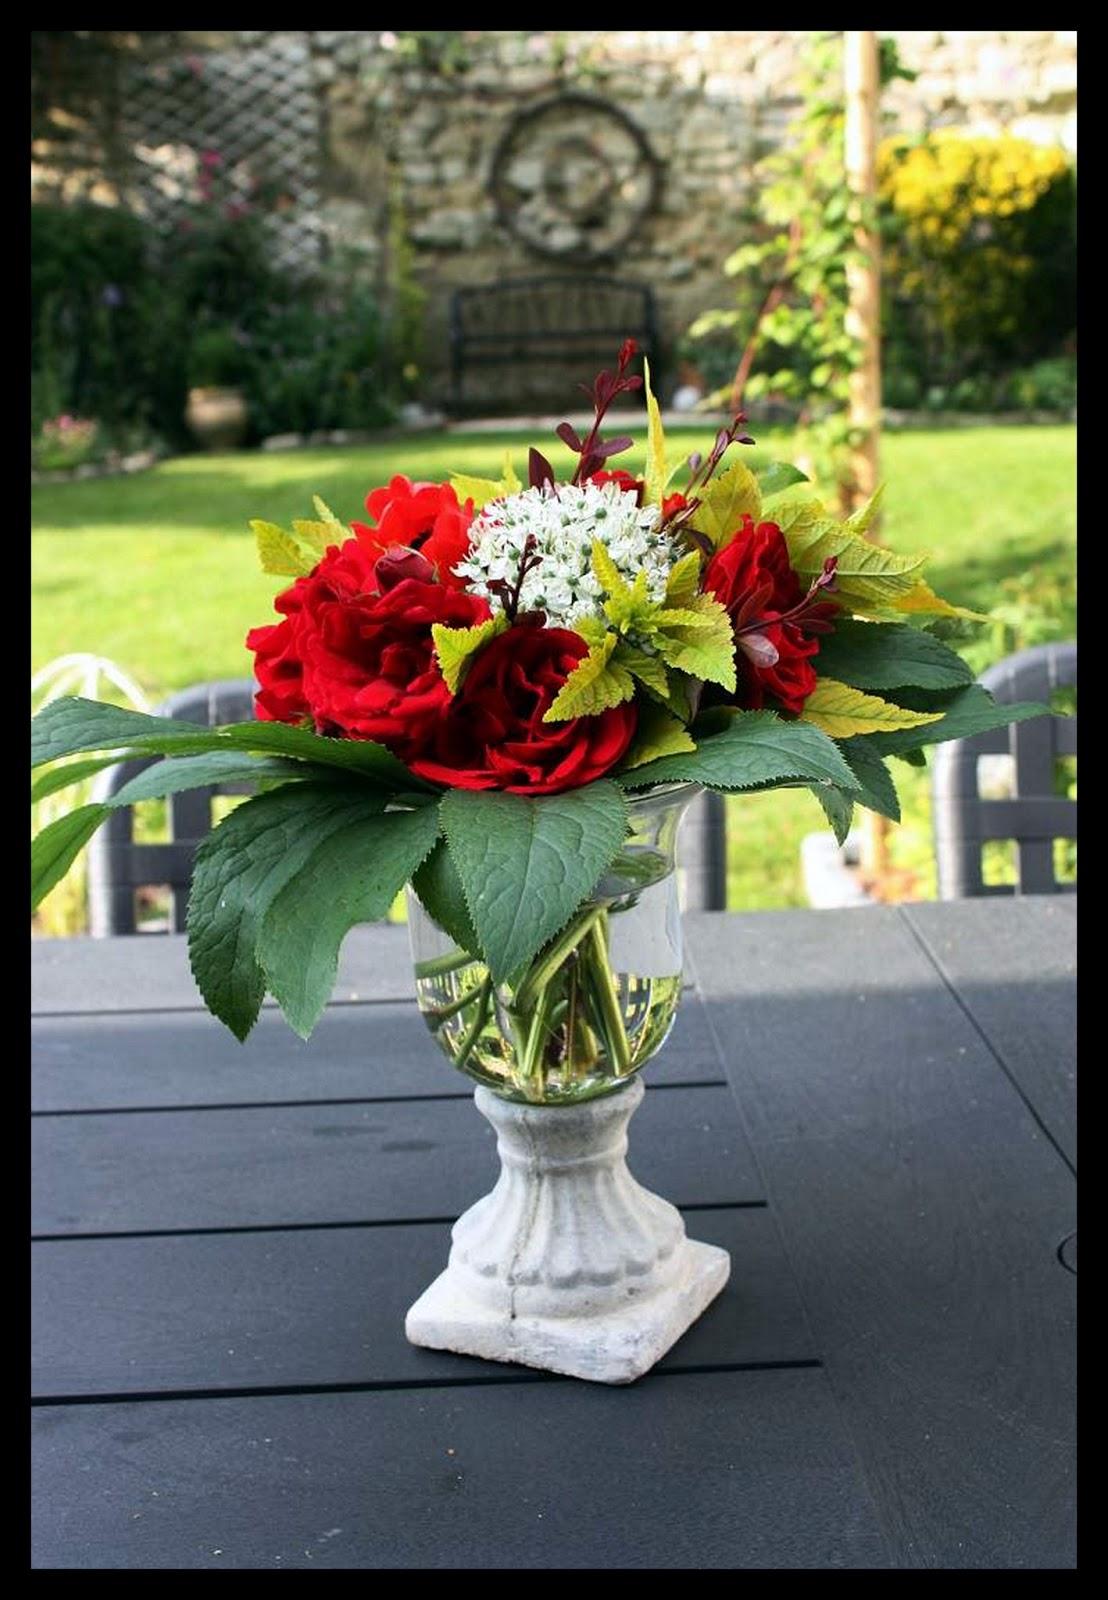 Le jardin des couronnes bouquet de fleurs du jardin for Un jardin de fleurs